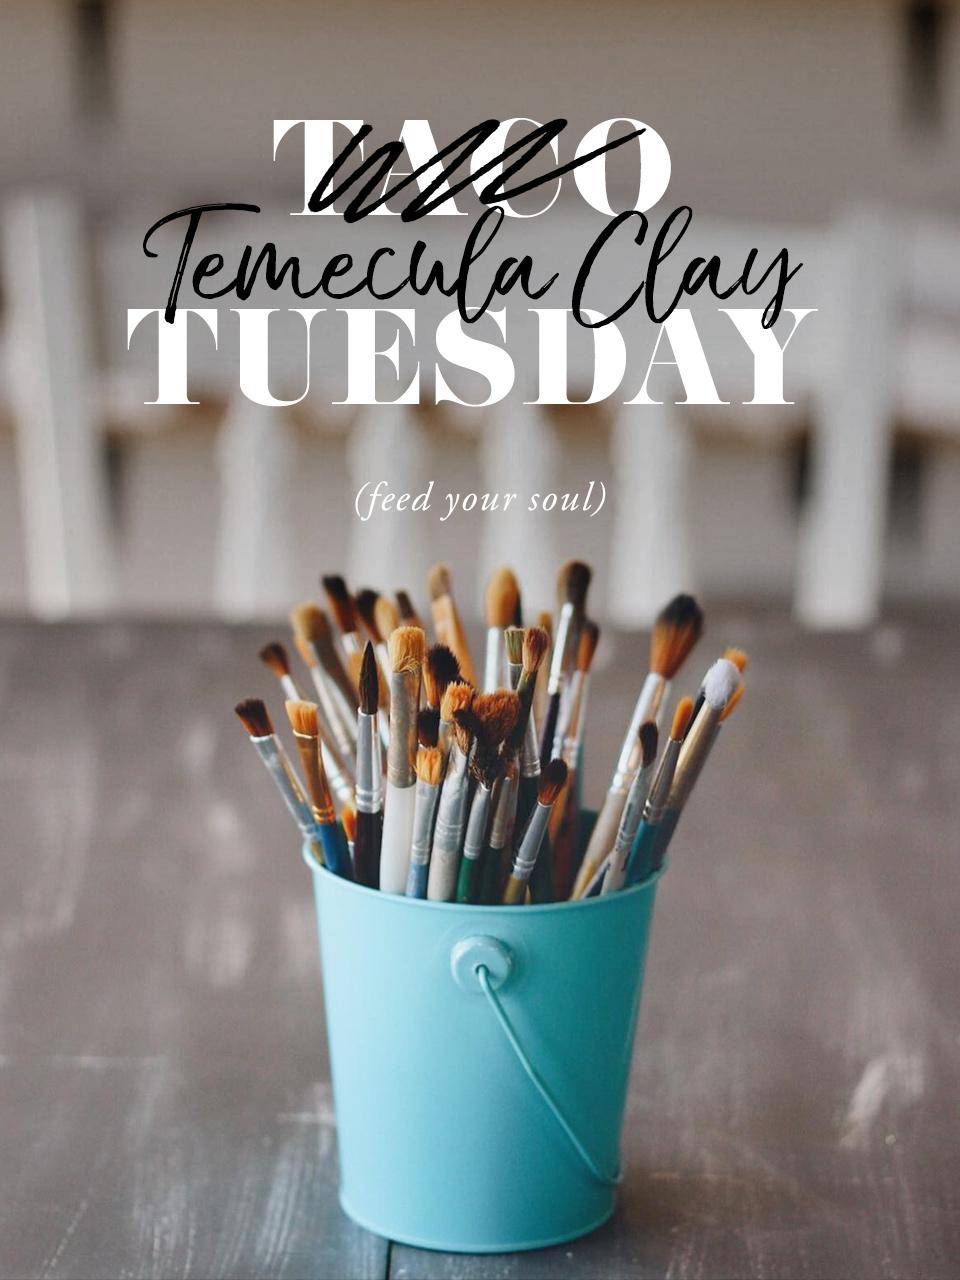 Temecula Clay Tuesdays